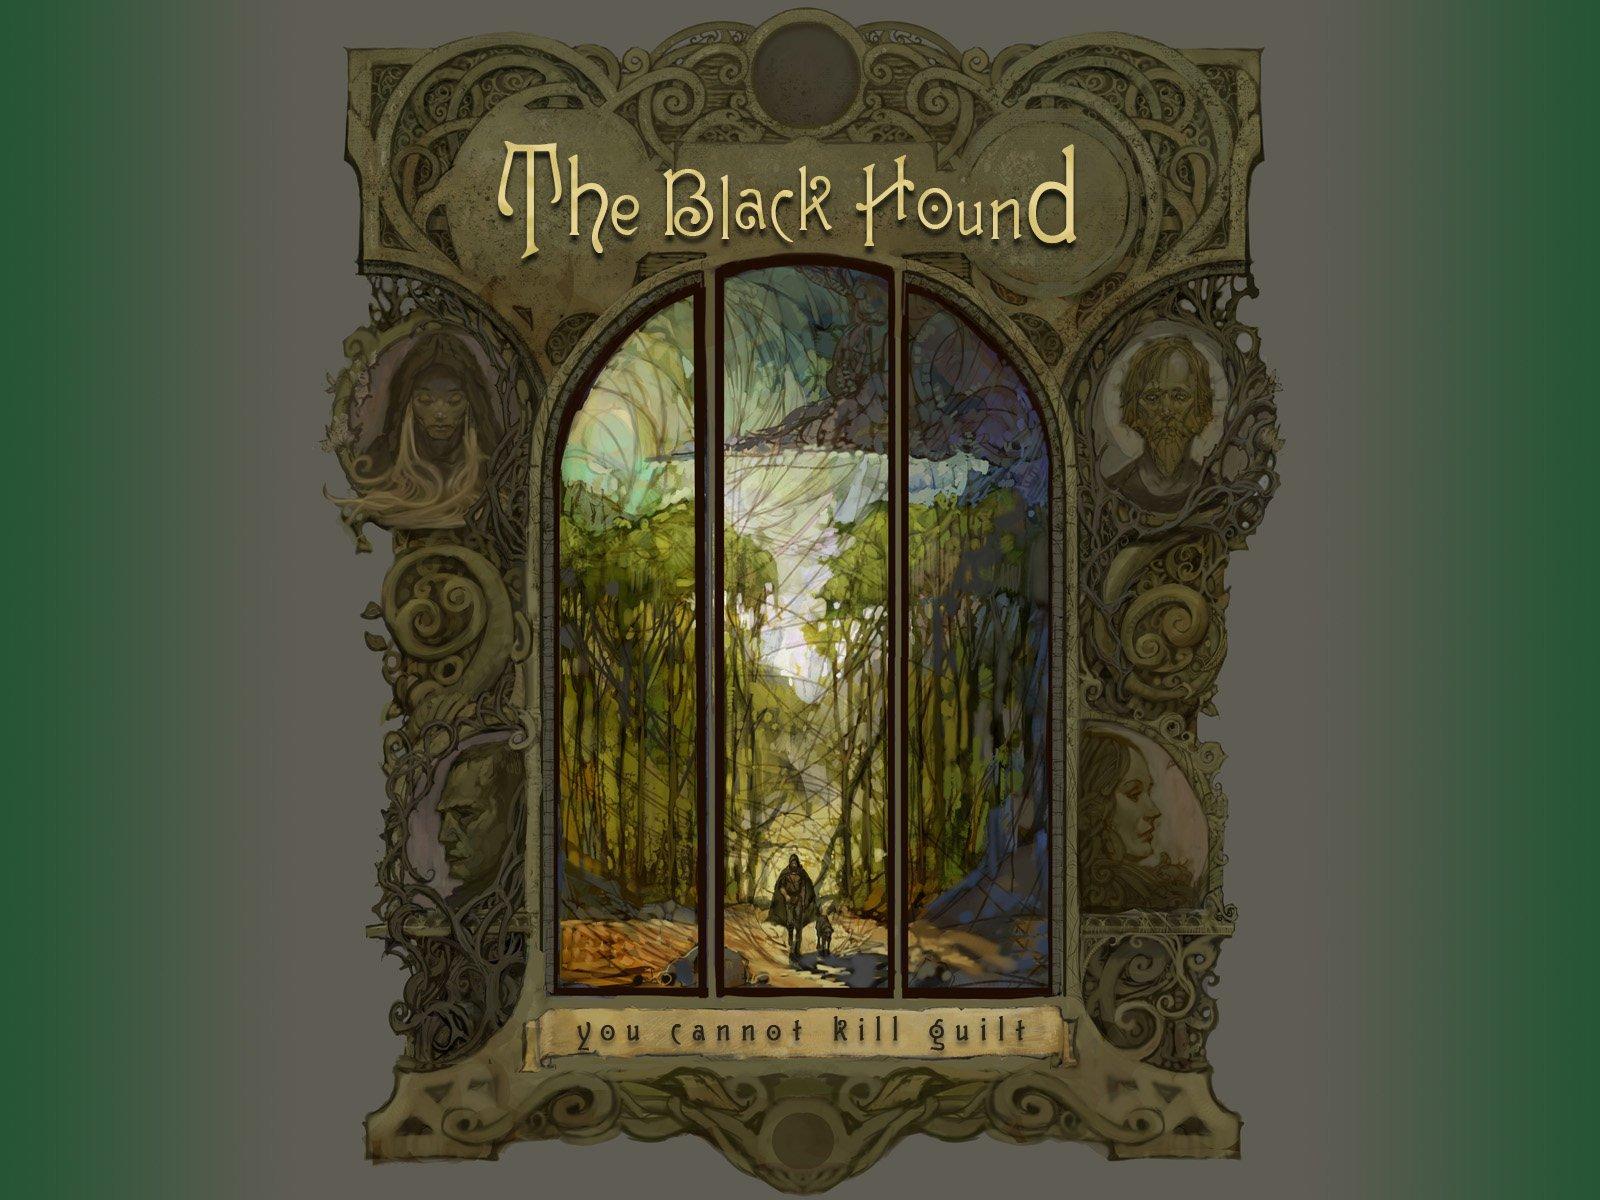 Baldur's Gate III: The Black Hound.